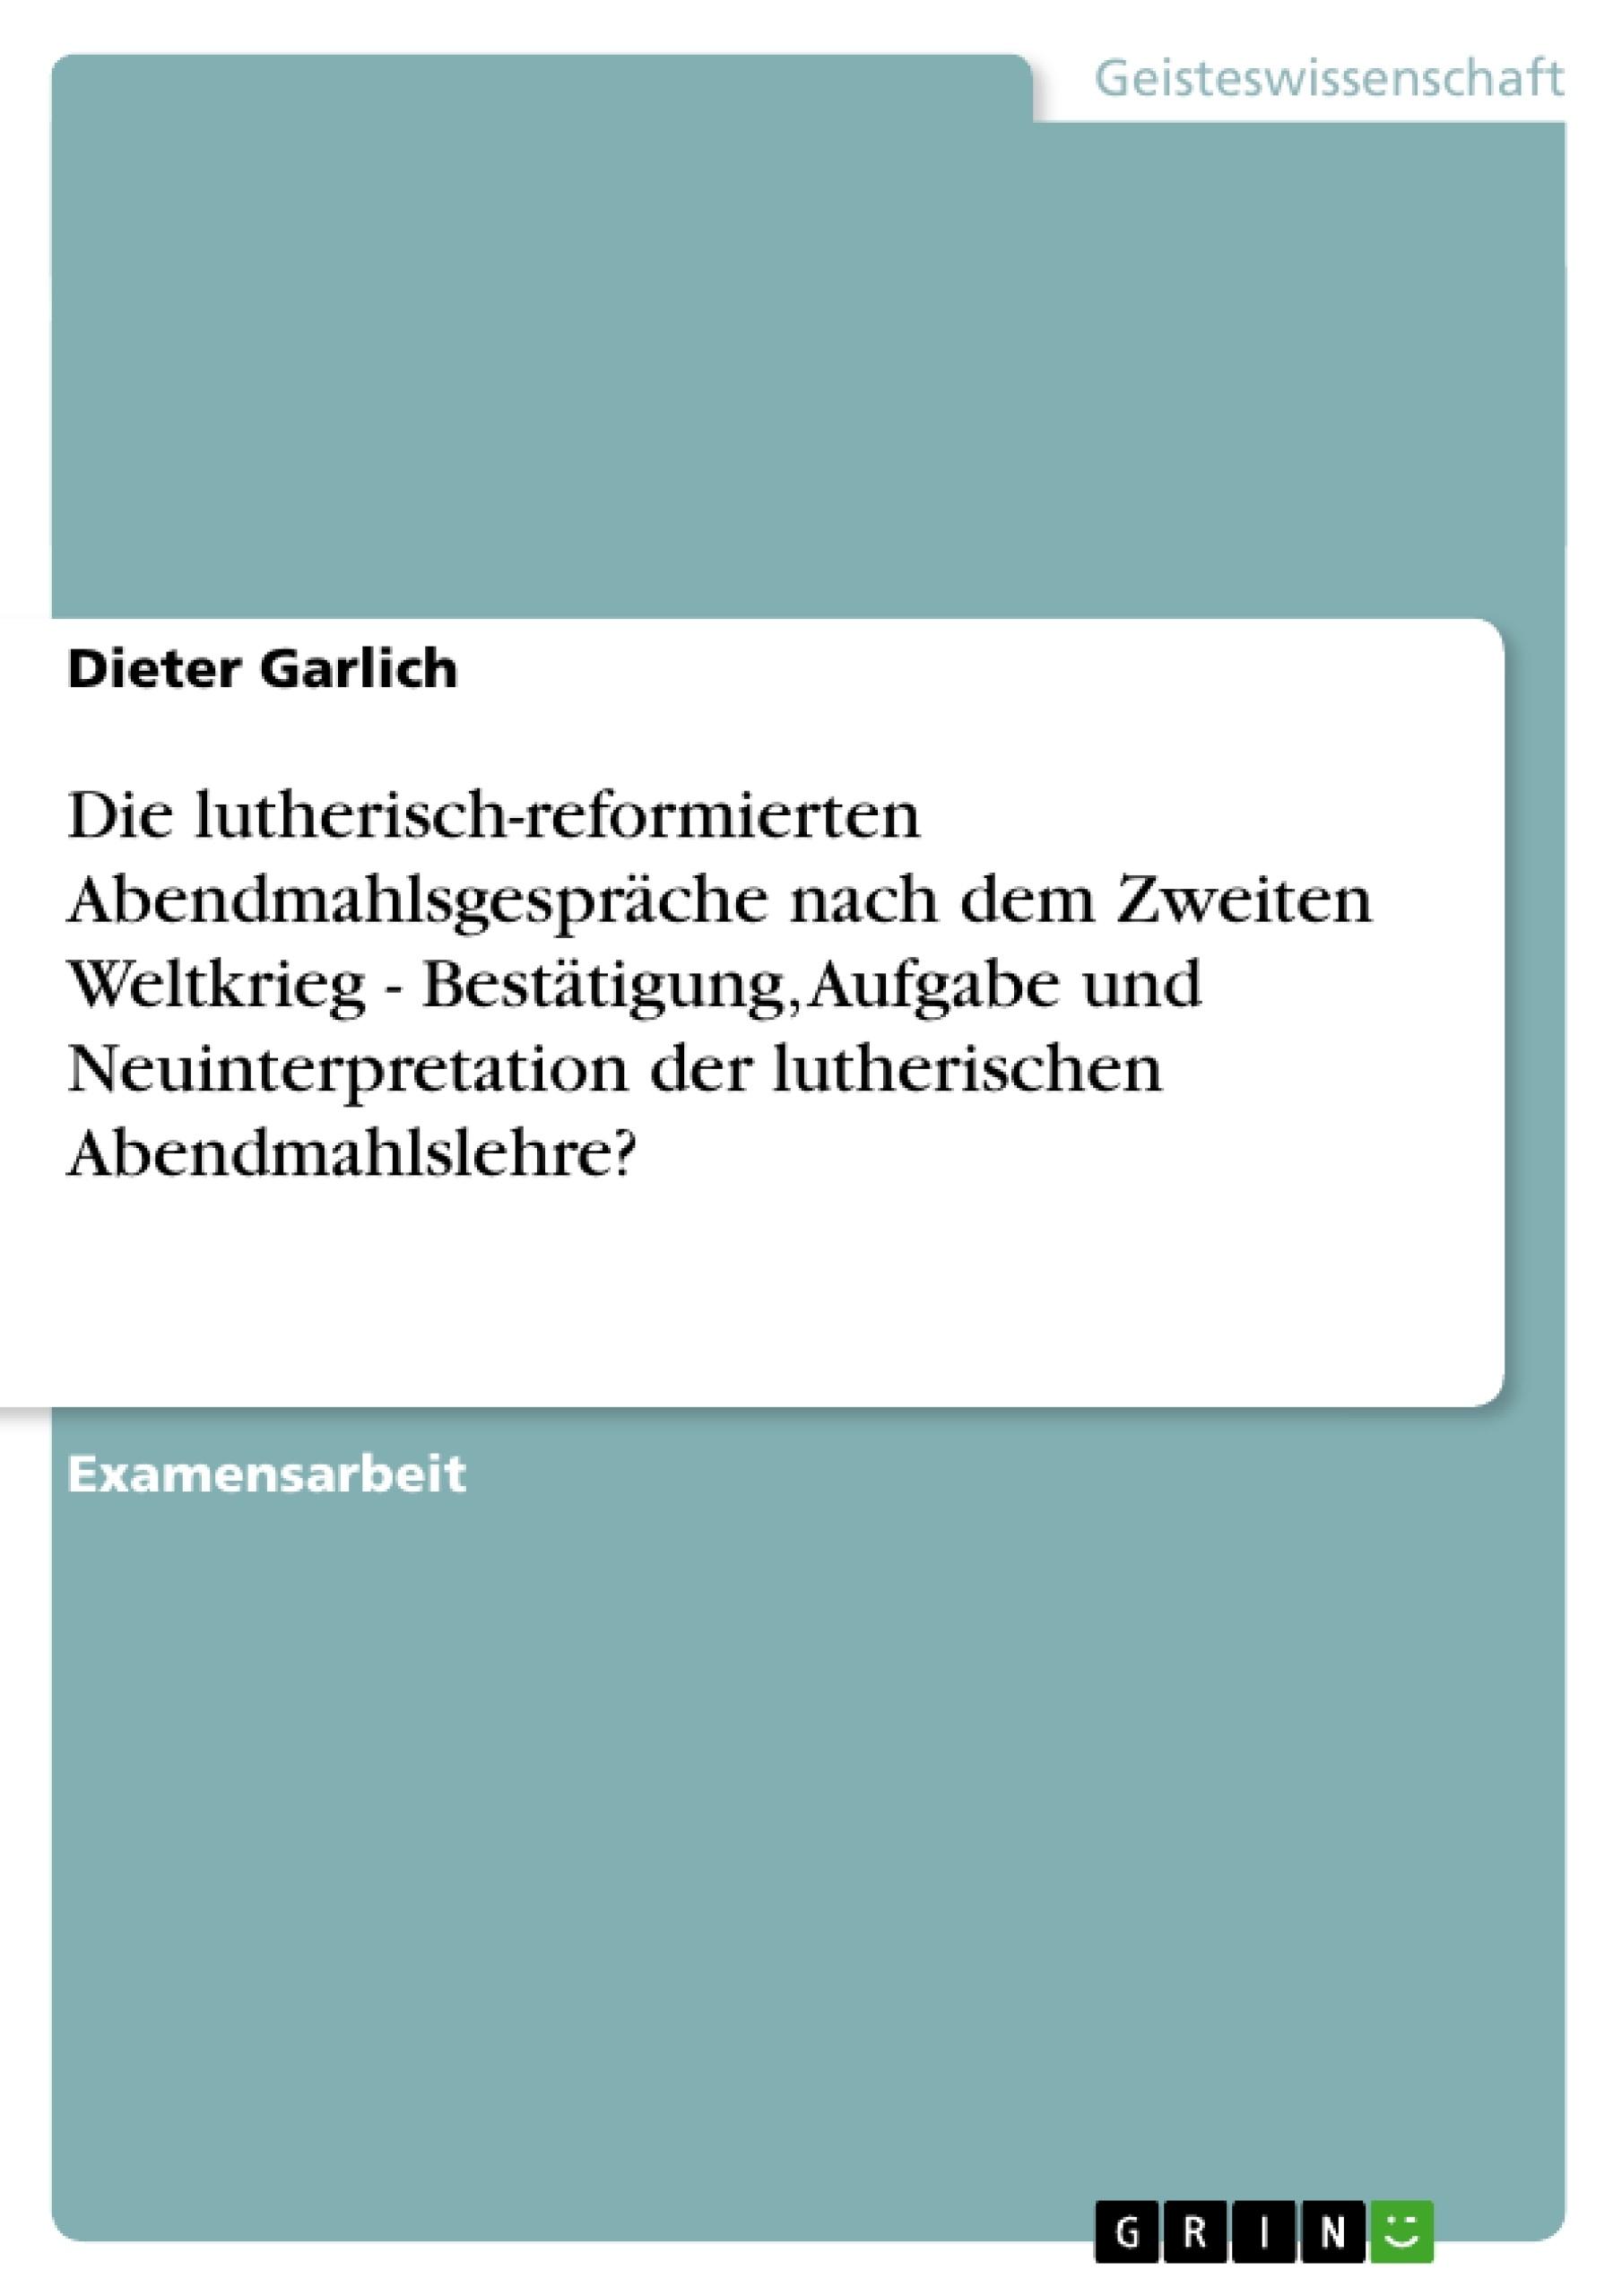 Titel: Die lutherisch-reformierten Abendmahlsgespräche nach dem Zweiten Weltkrieg - Bestätigung, Aufgabe und Neuinterpretation der lutherischen Abendmahlslehre?